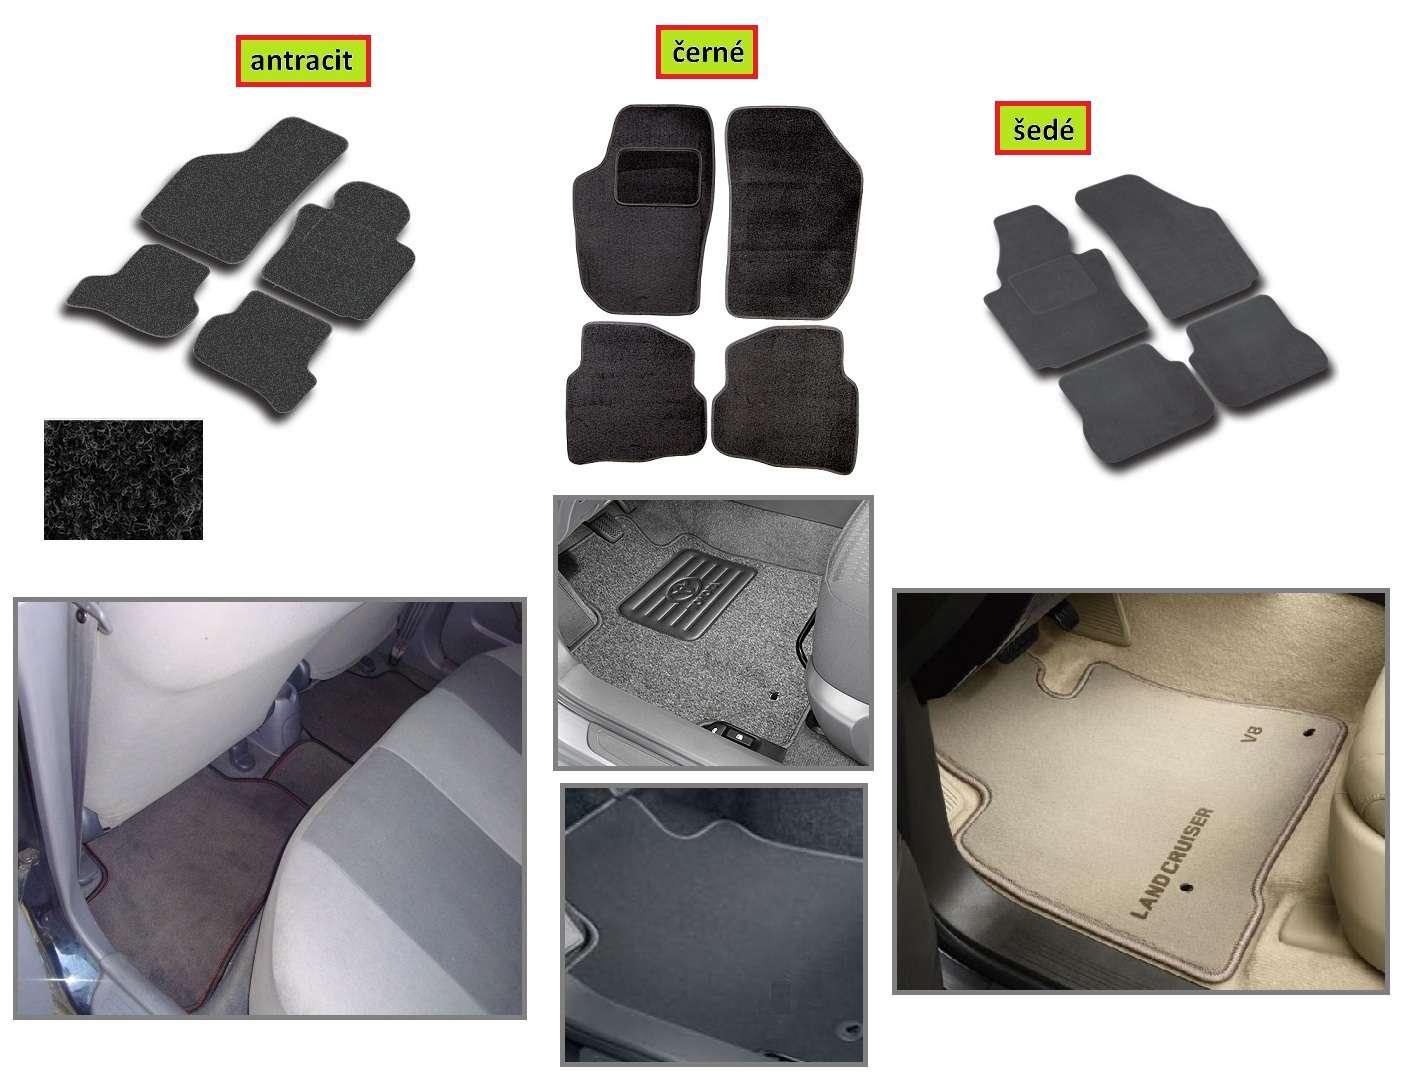 Autokoberce Citroen Berlingo Multispace zadní díly vcelku 1997r a výše, textilní přesné na míru autokoberce antracit